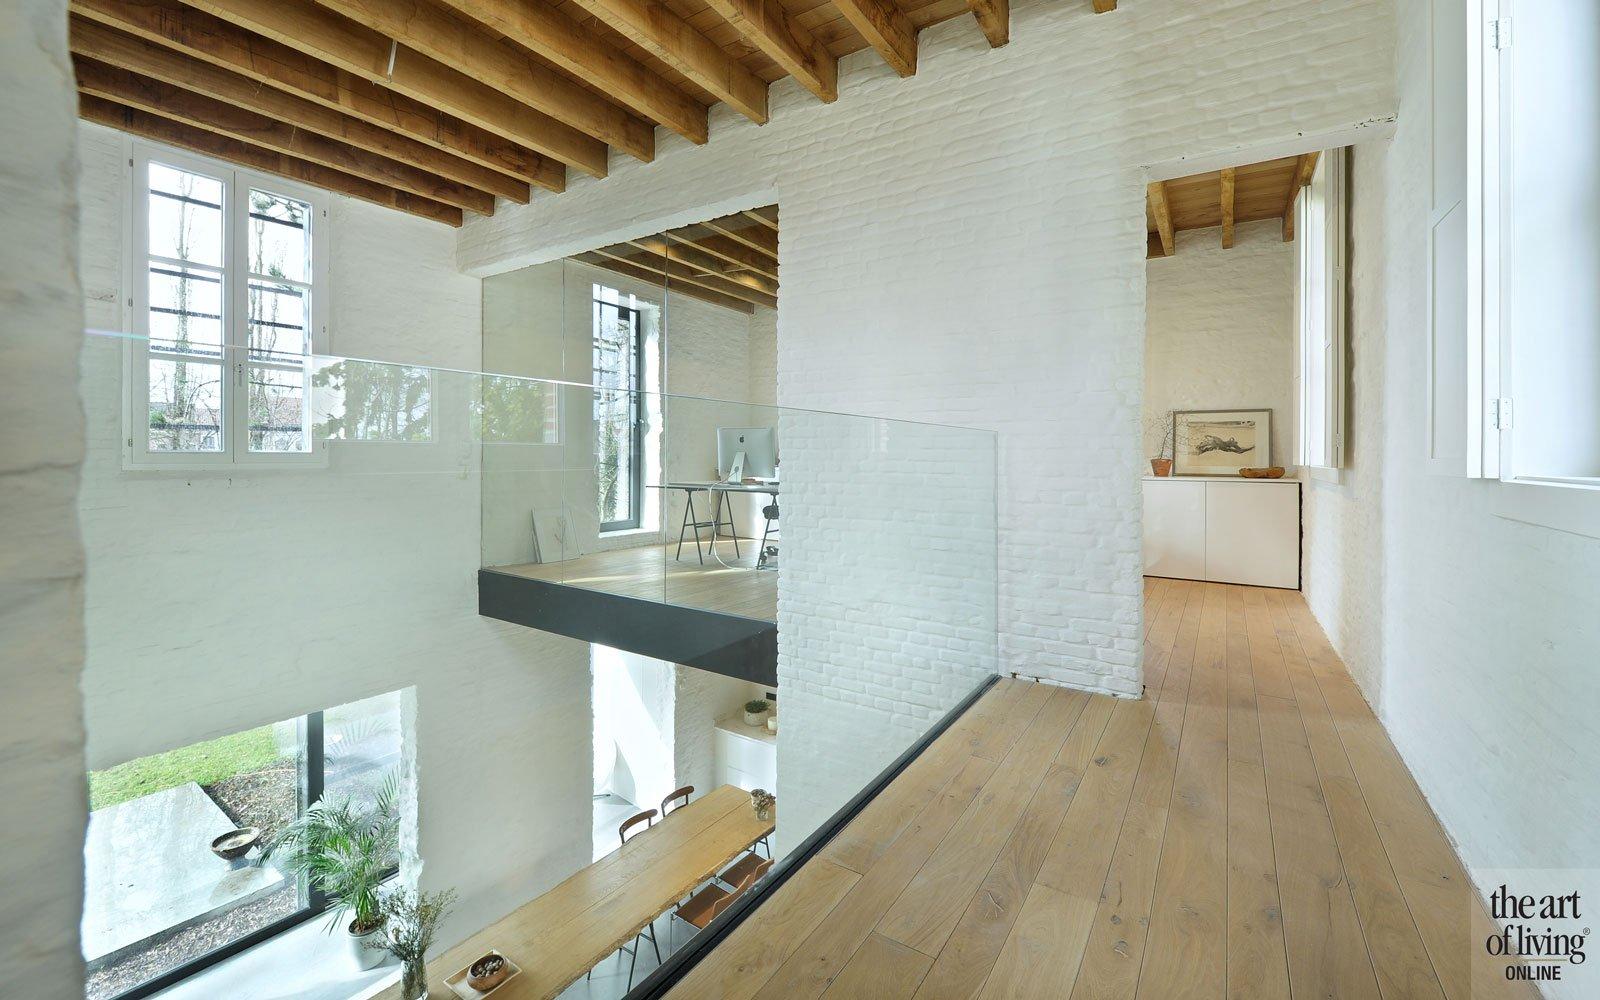 Vide, bovenverdieping, houten vloer, glas, ruimtelijk, licht, oud koetshuis, Michiel van Raemdonck